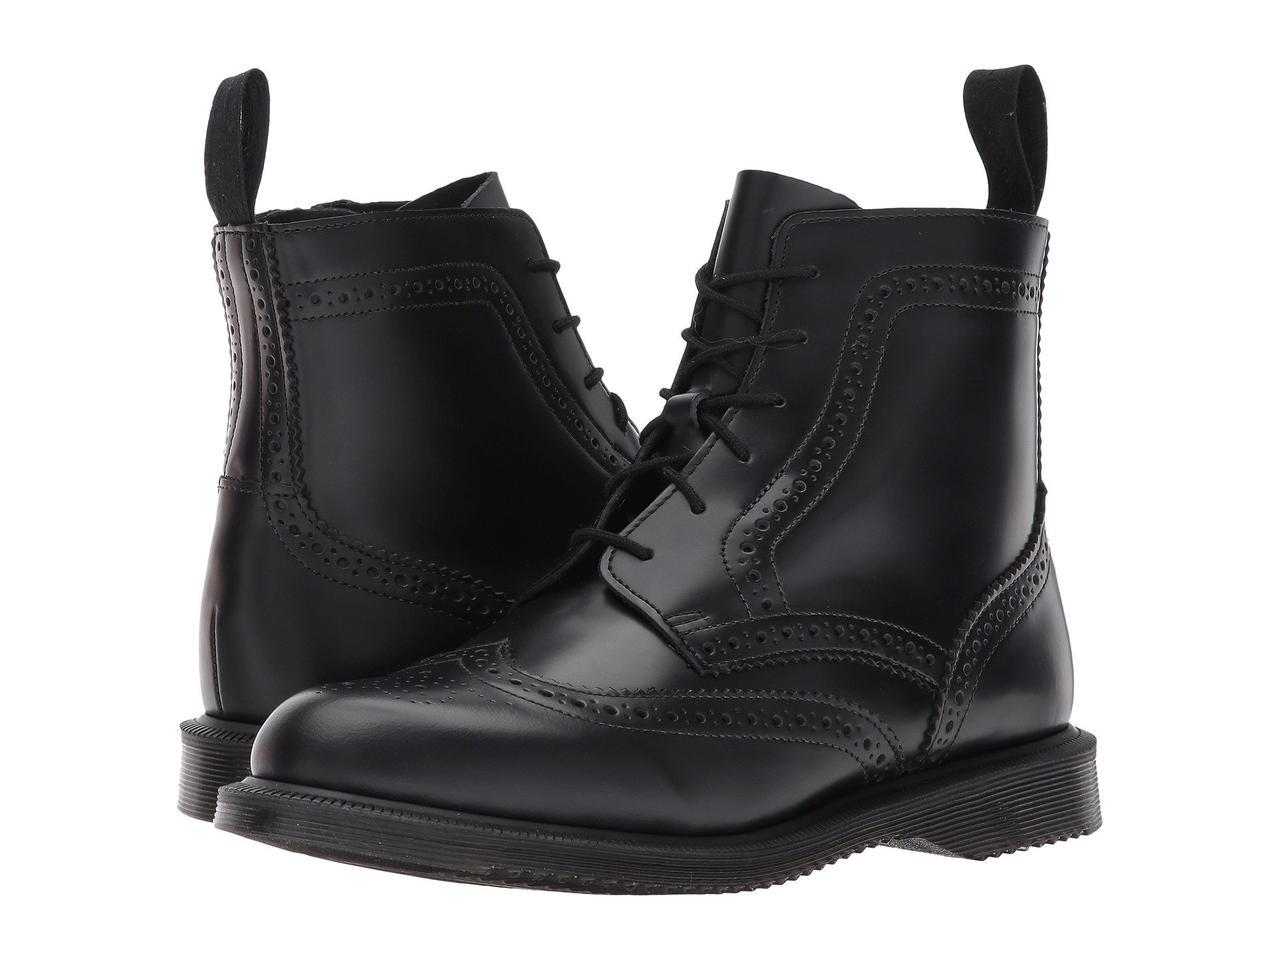 Ботинки Сапоги (Оригинал) Dr. Martens Delphine 6-Eye Brogue Boot Black  Polished Smooth 1f63d3facf2ce